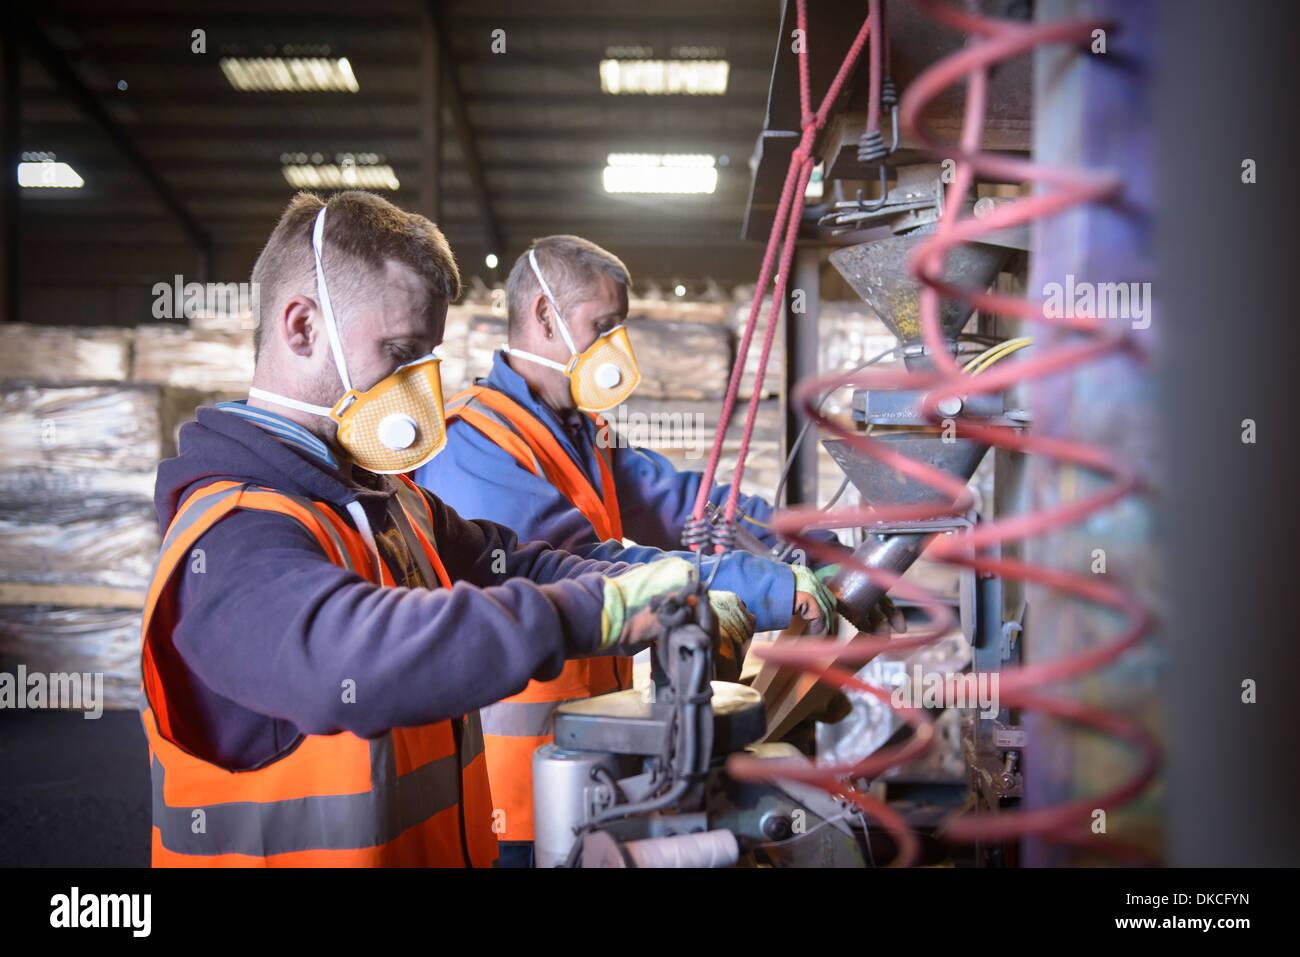 Los trabajadores de ropa de protección bolsas de llenado con minerales Imagen De Stock